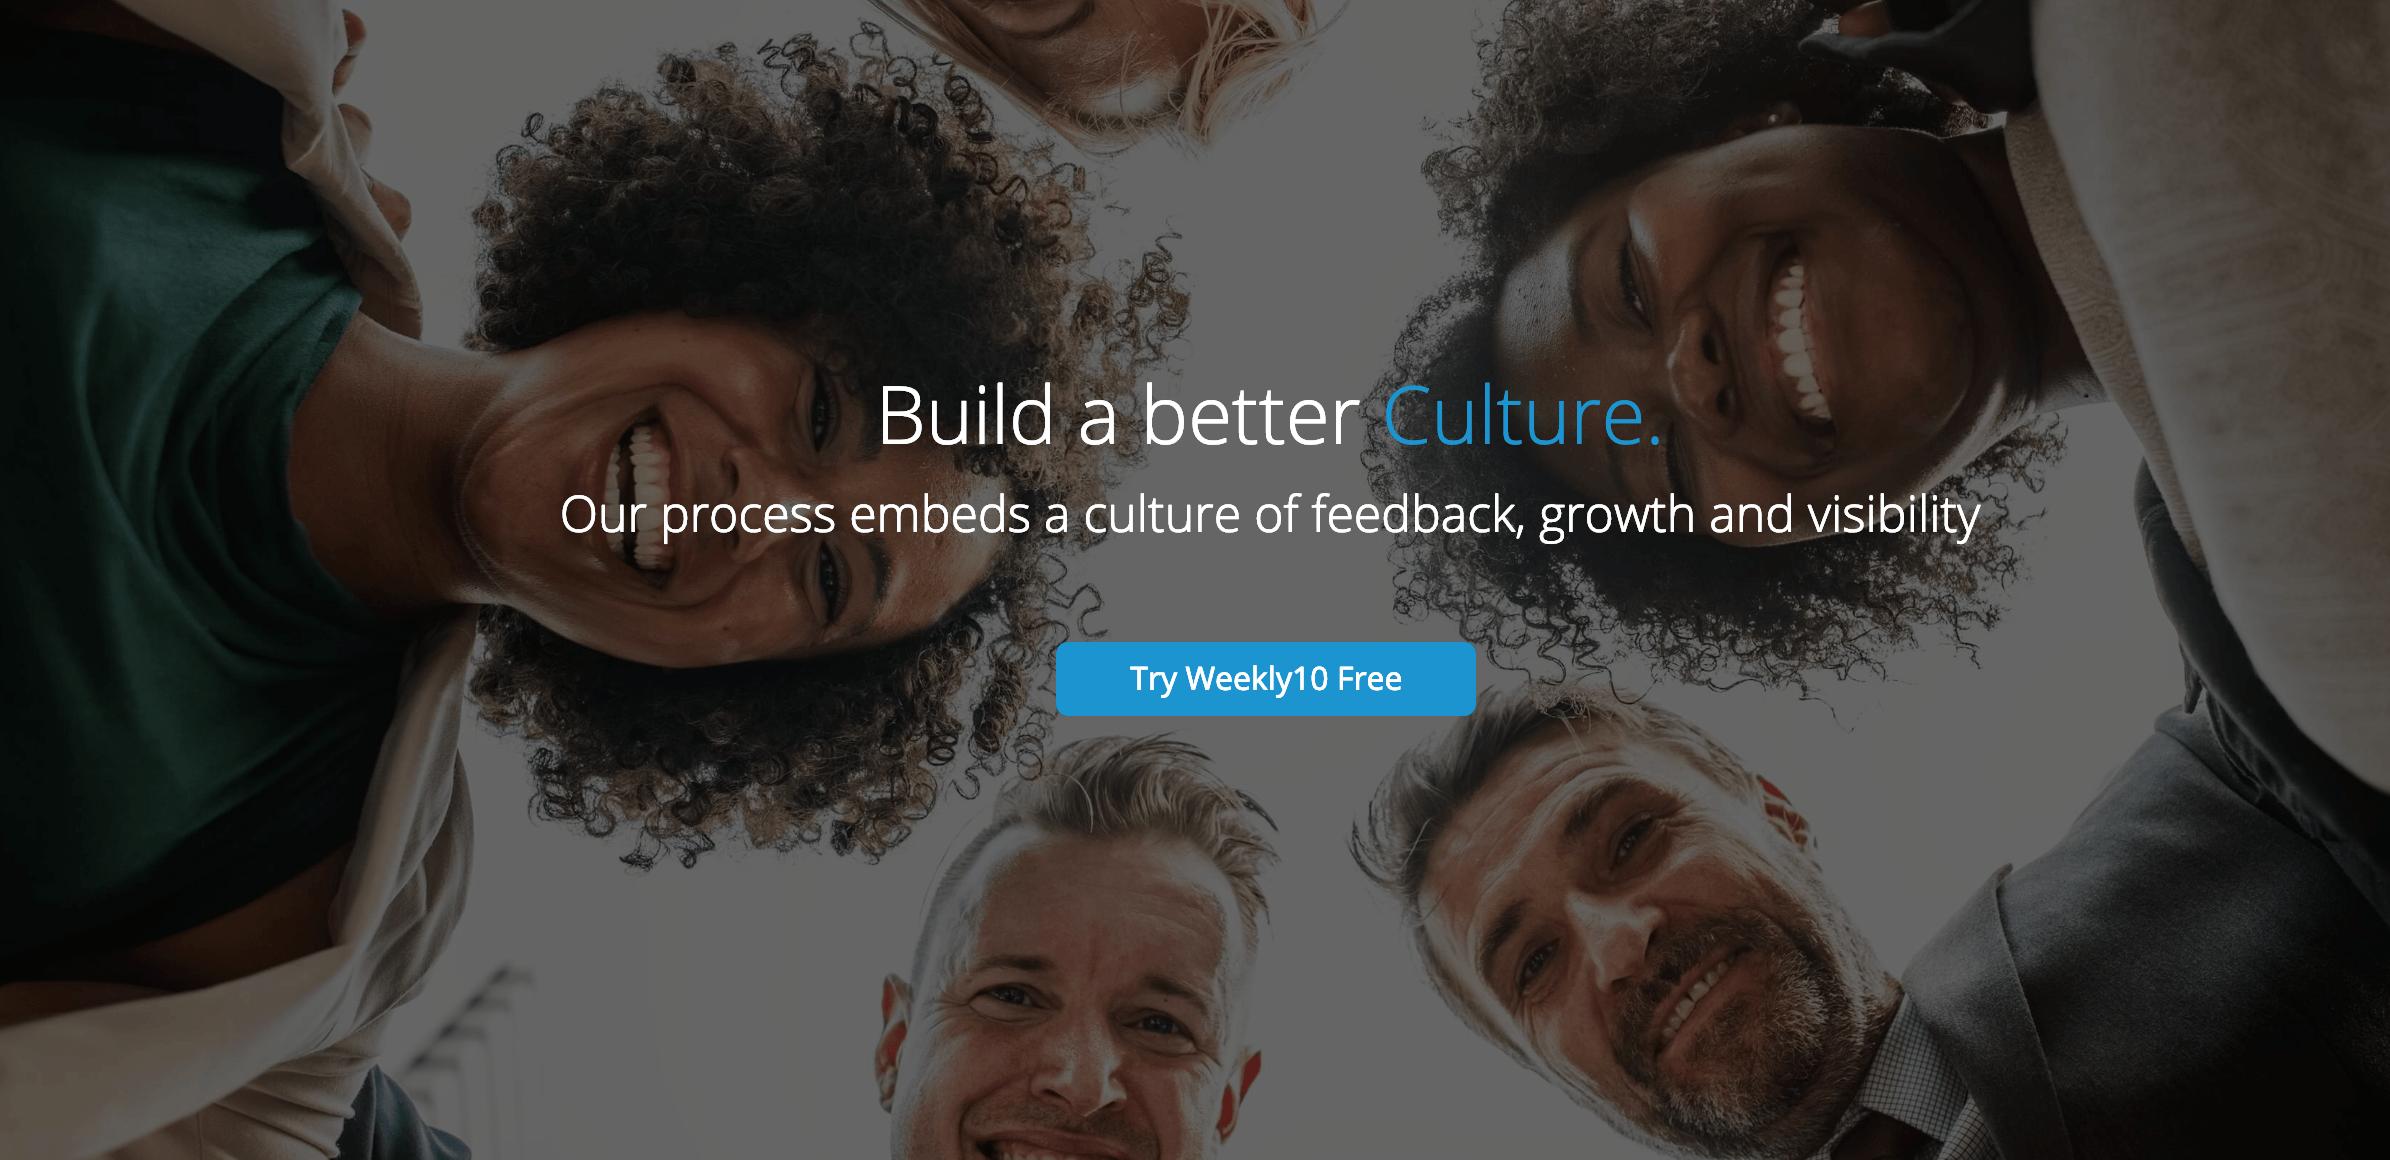 Weekly 10 feedback tool